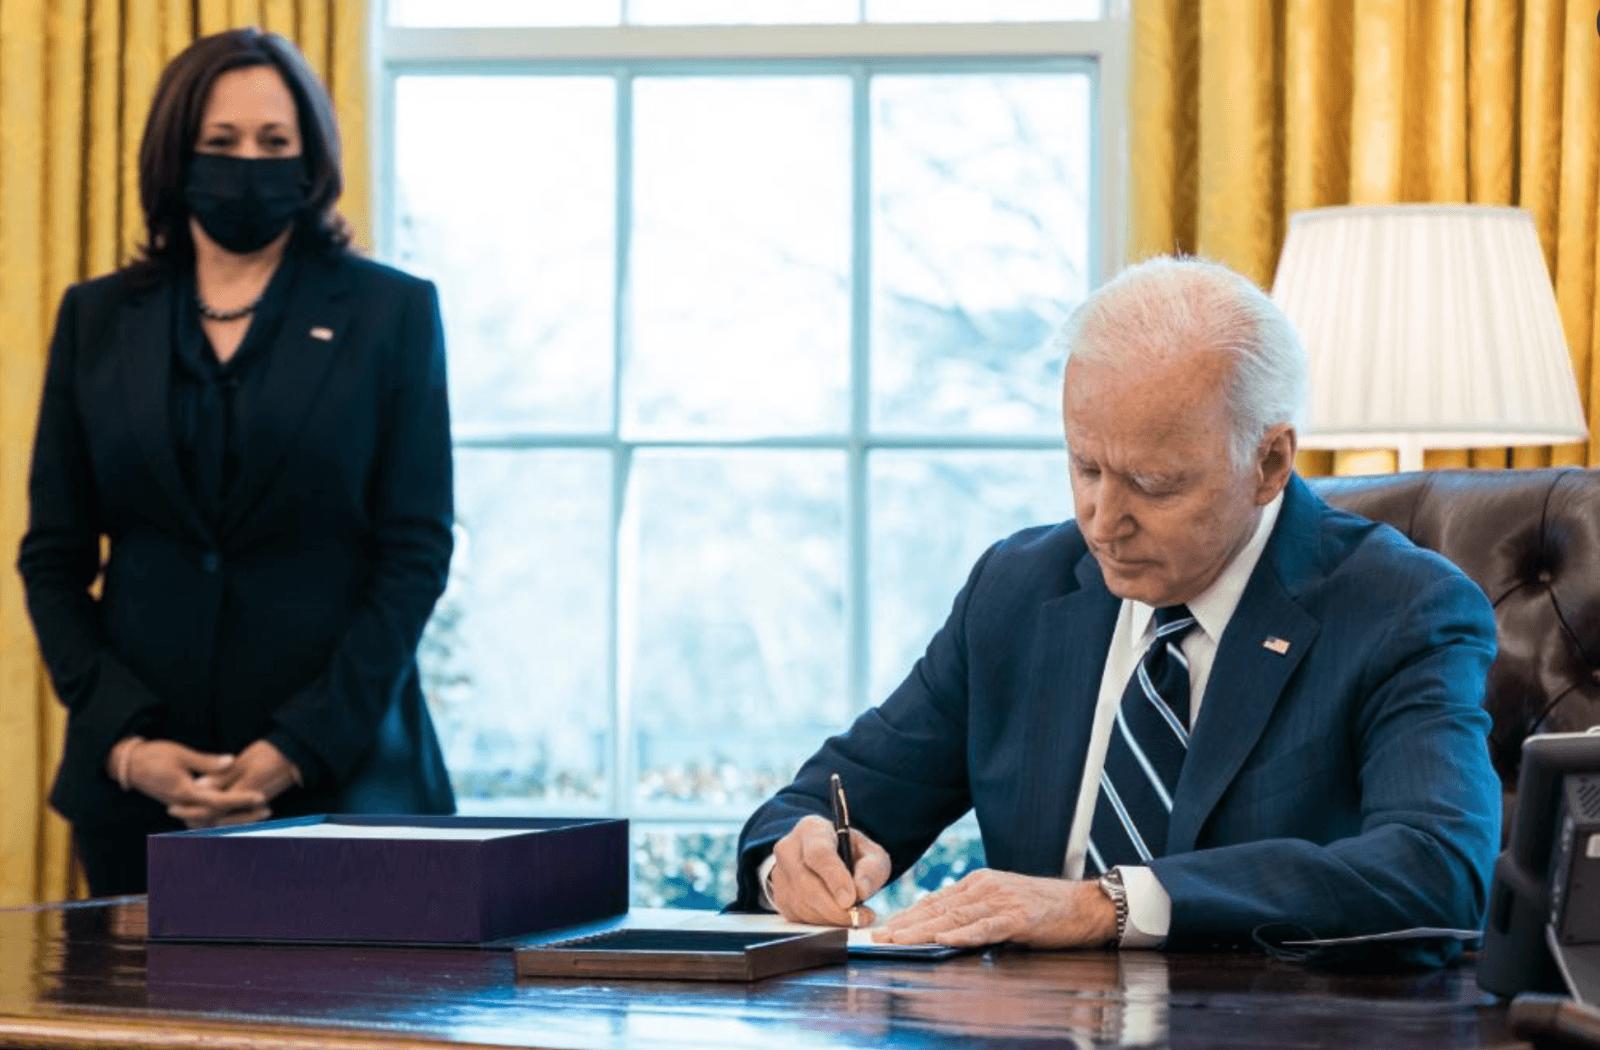 Biden's 'The Art of the Deal': How to Pass an Infrastructure Bill